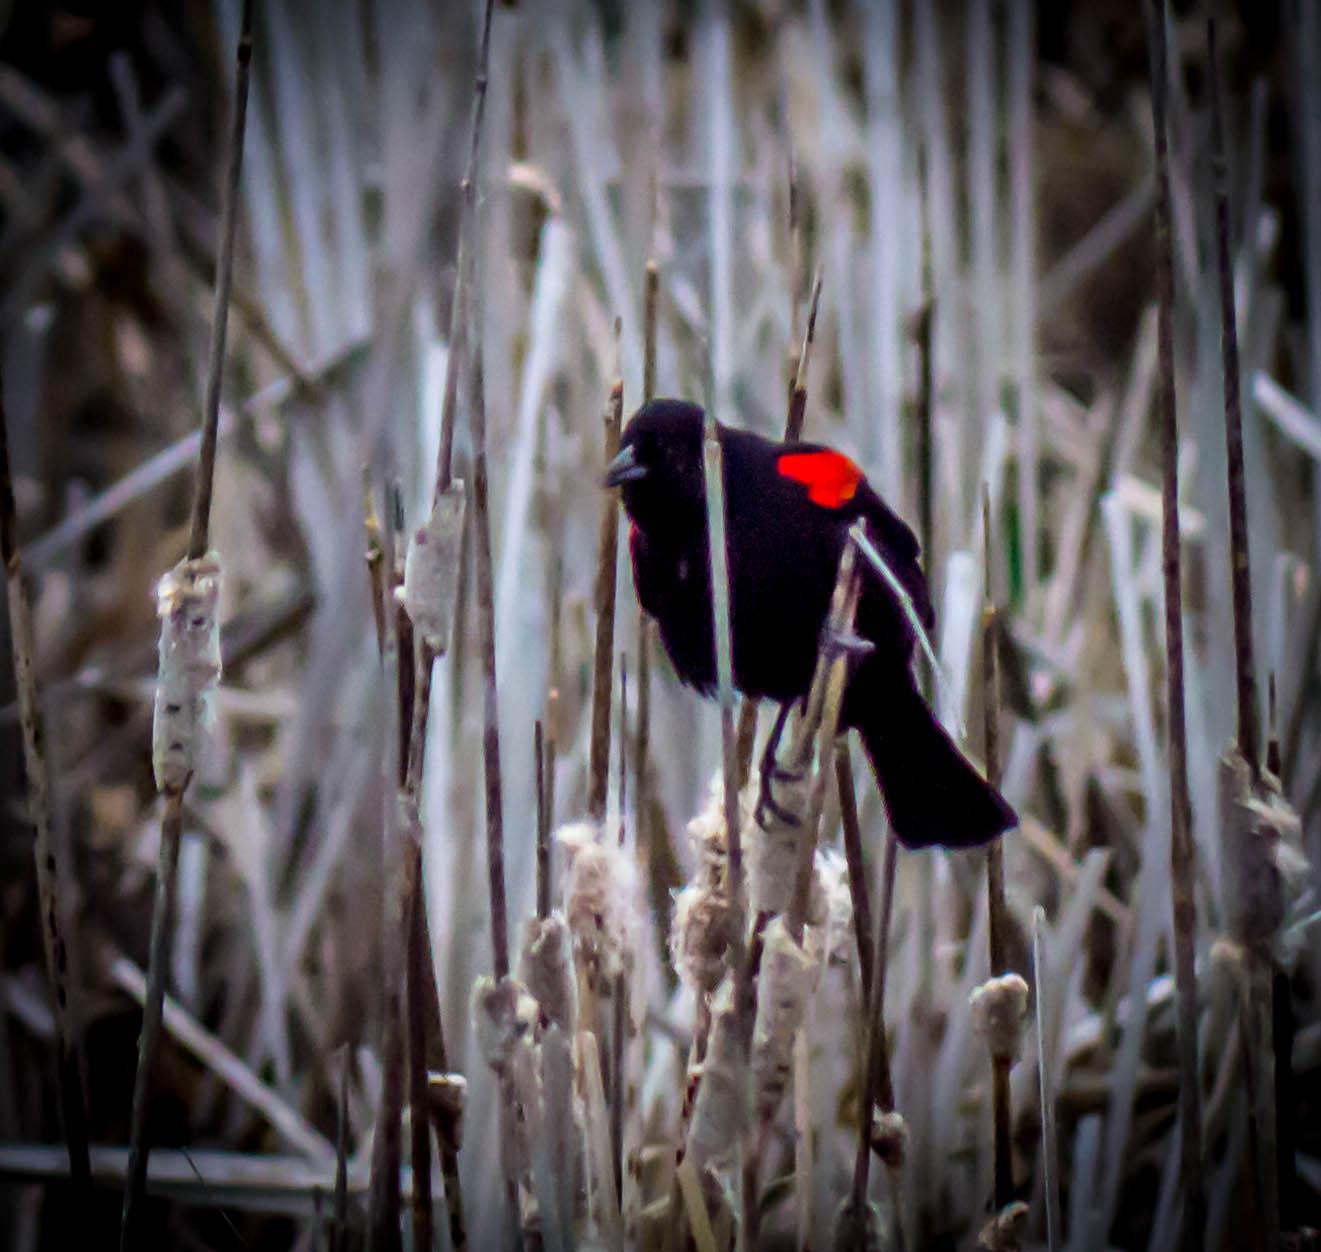 Bird in the reeds